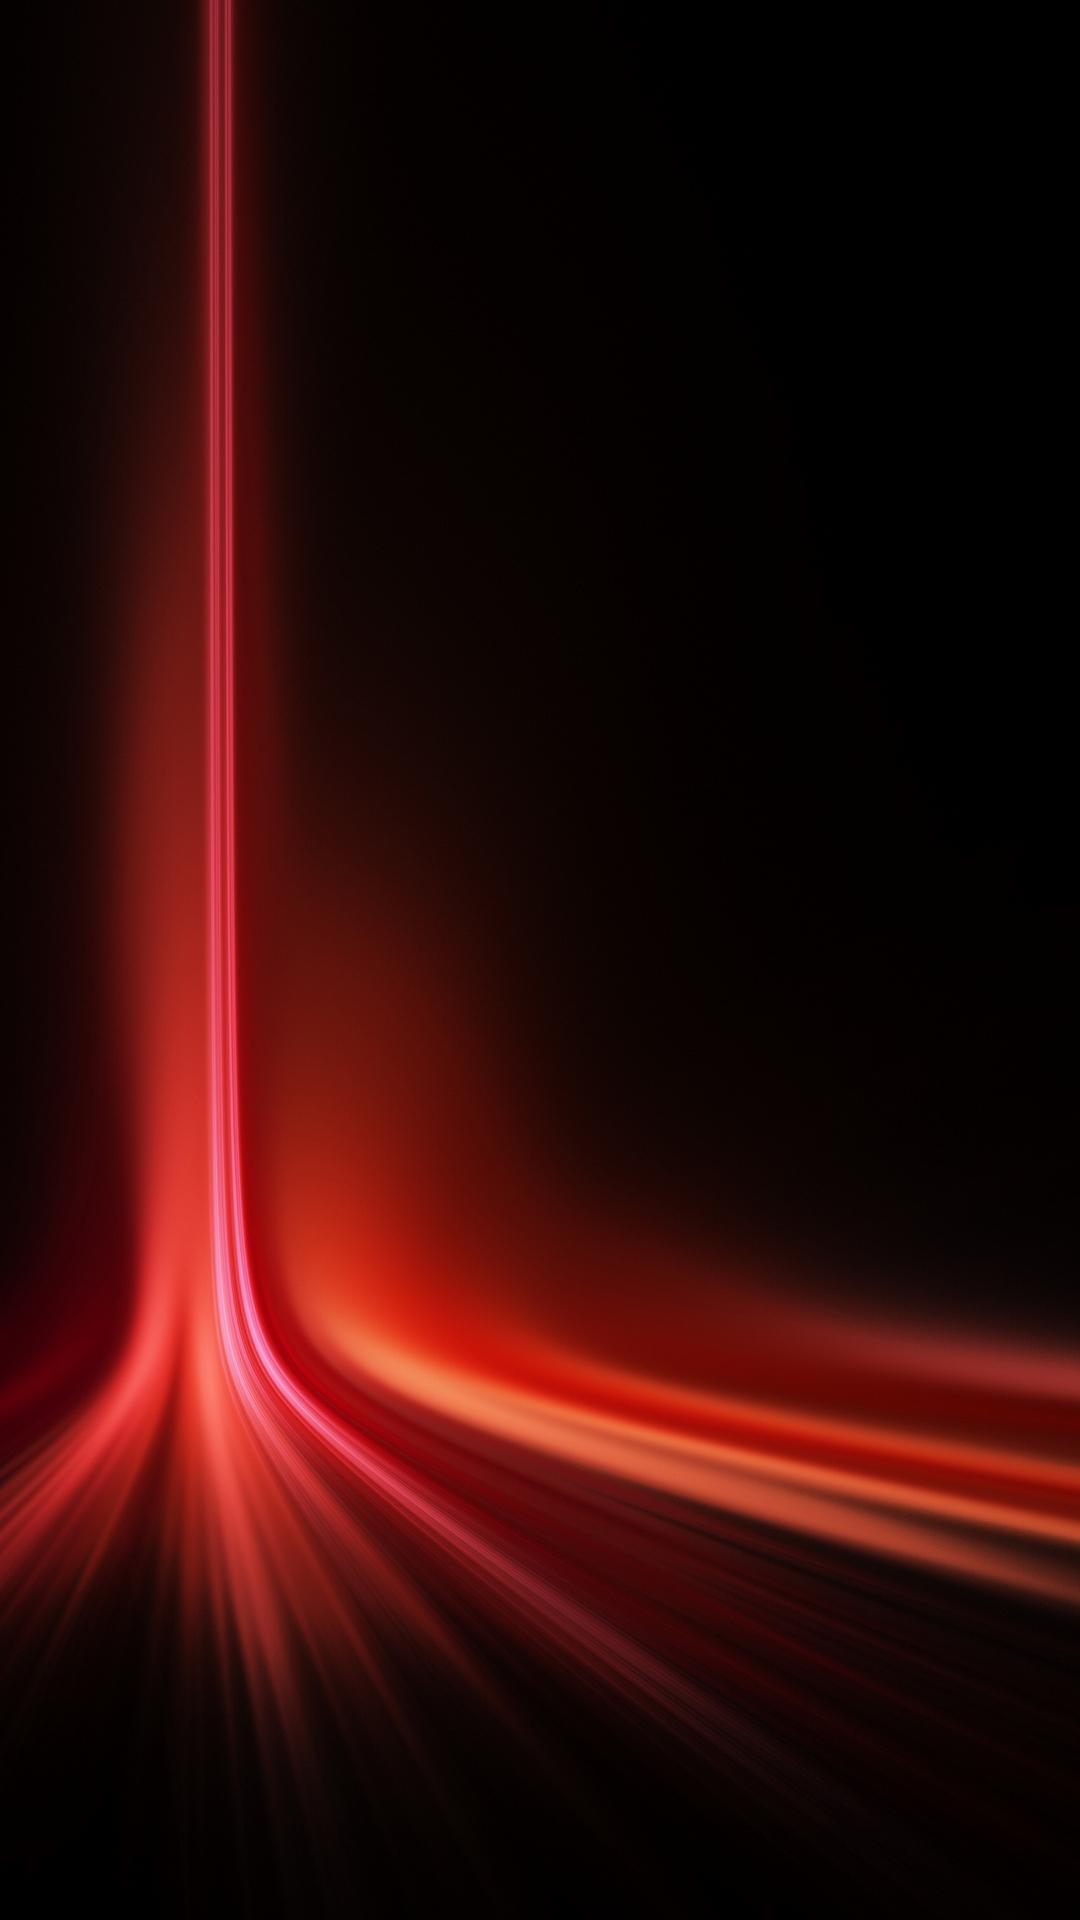 Vertical HD Wallpapers - WallpaperSafari